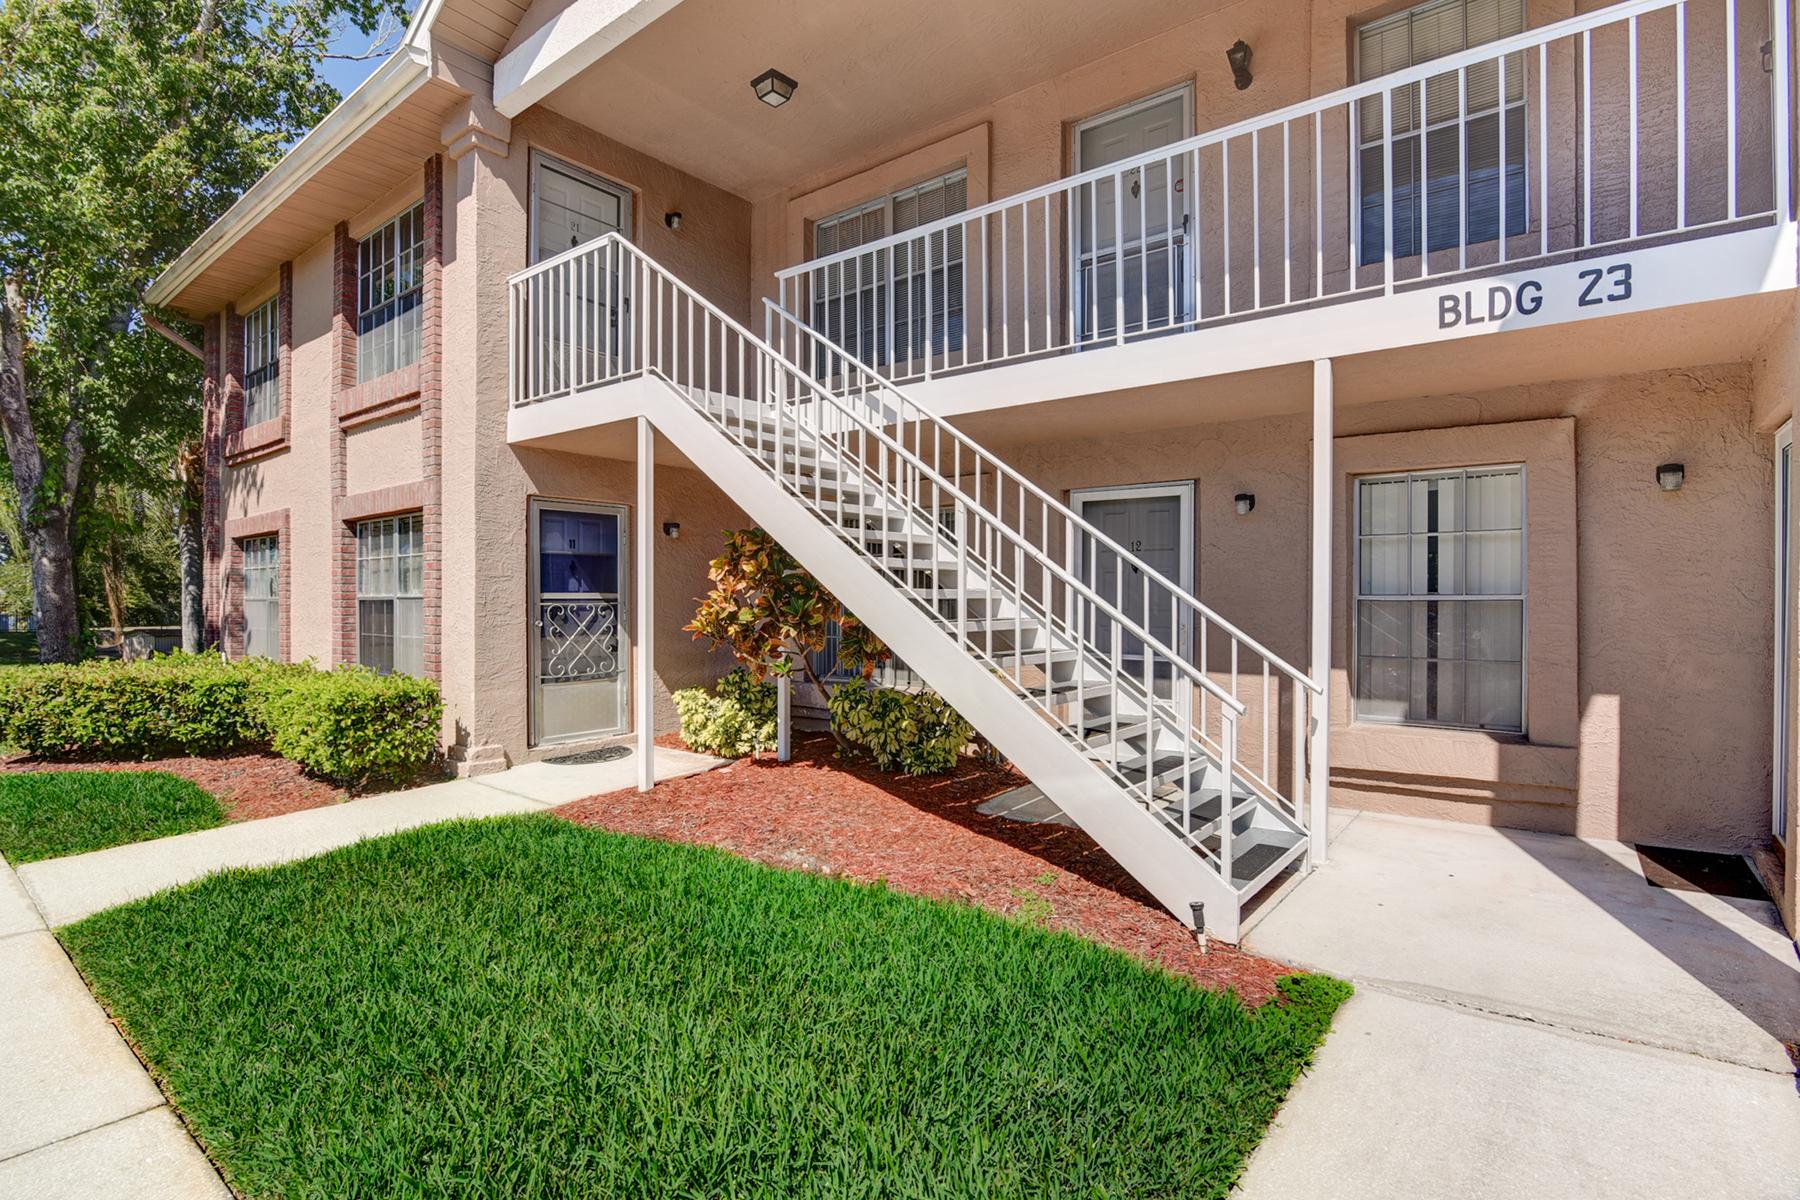 Πολυκατοικία ατομικής ιδιοκτησίας για την Πώληση στο NEW PORT RICHEY 4916 Sunnybrook Dr 22 New Port Richey, Φλοριντα 34653 Ηνωμενεσ Πολιτειεσ